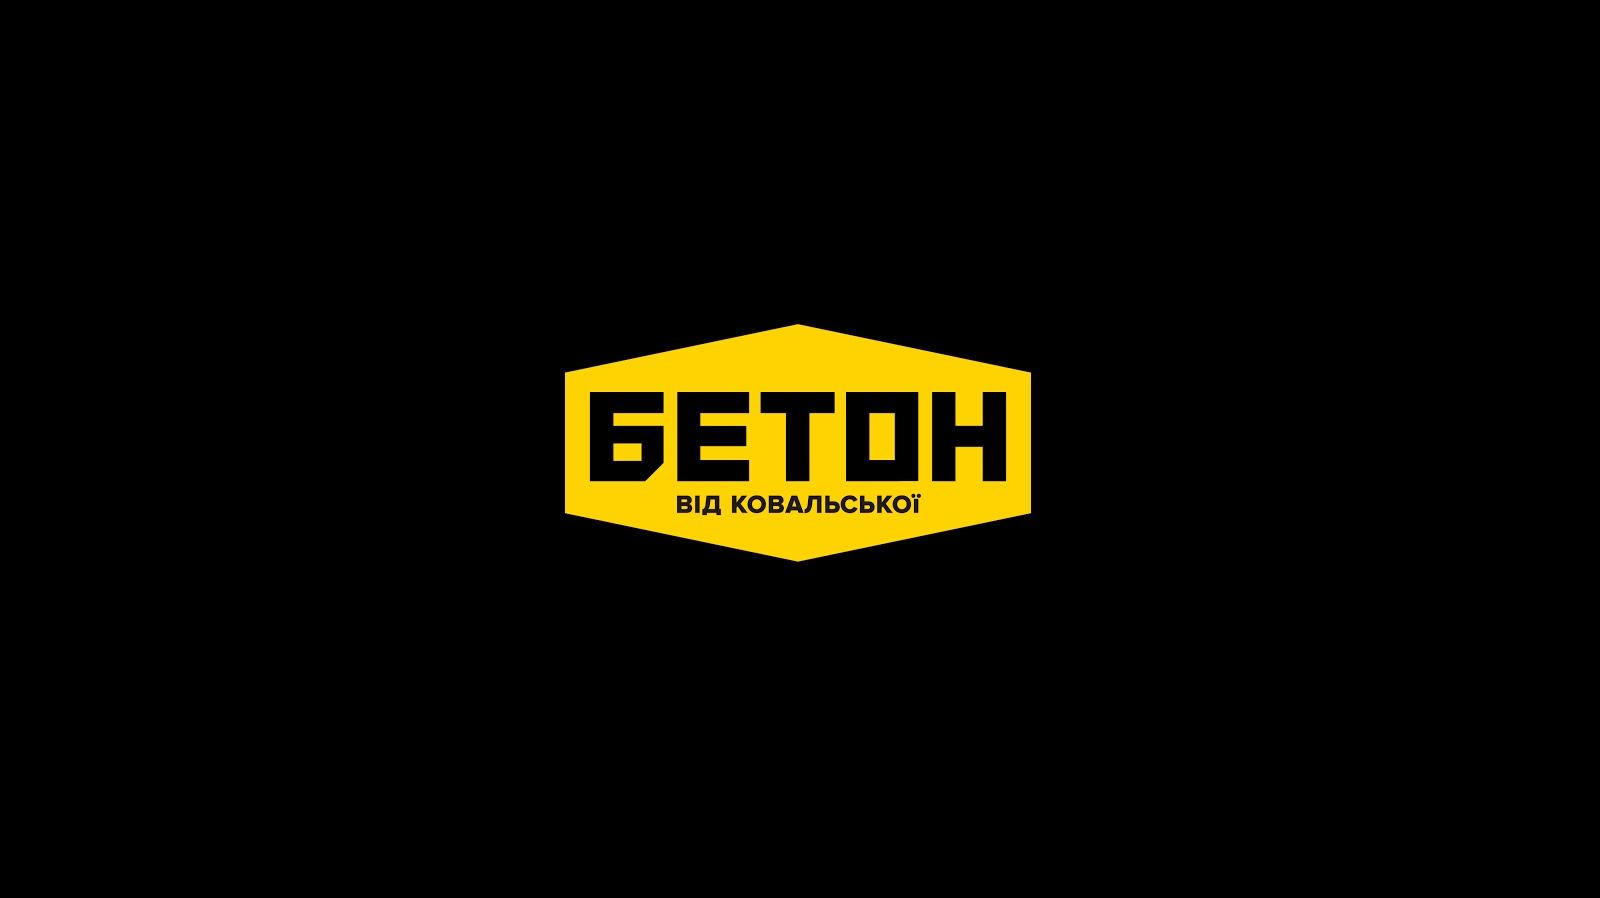 Что создает компания Бетон от Ковальской